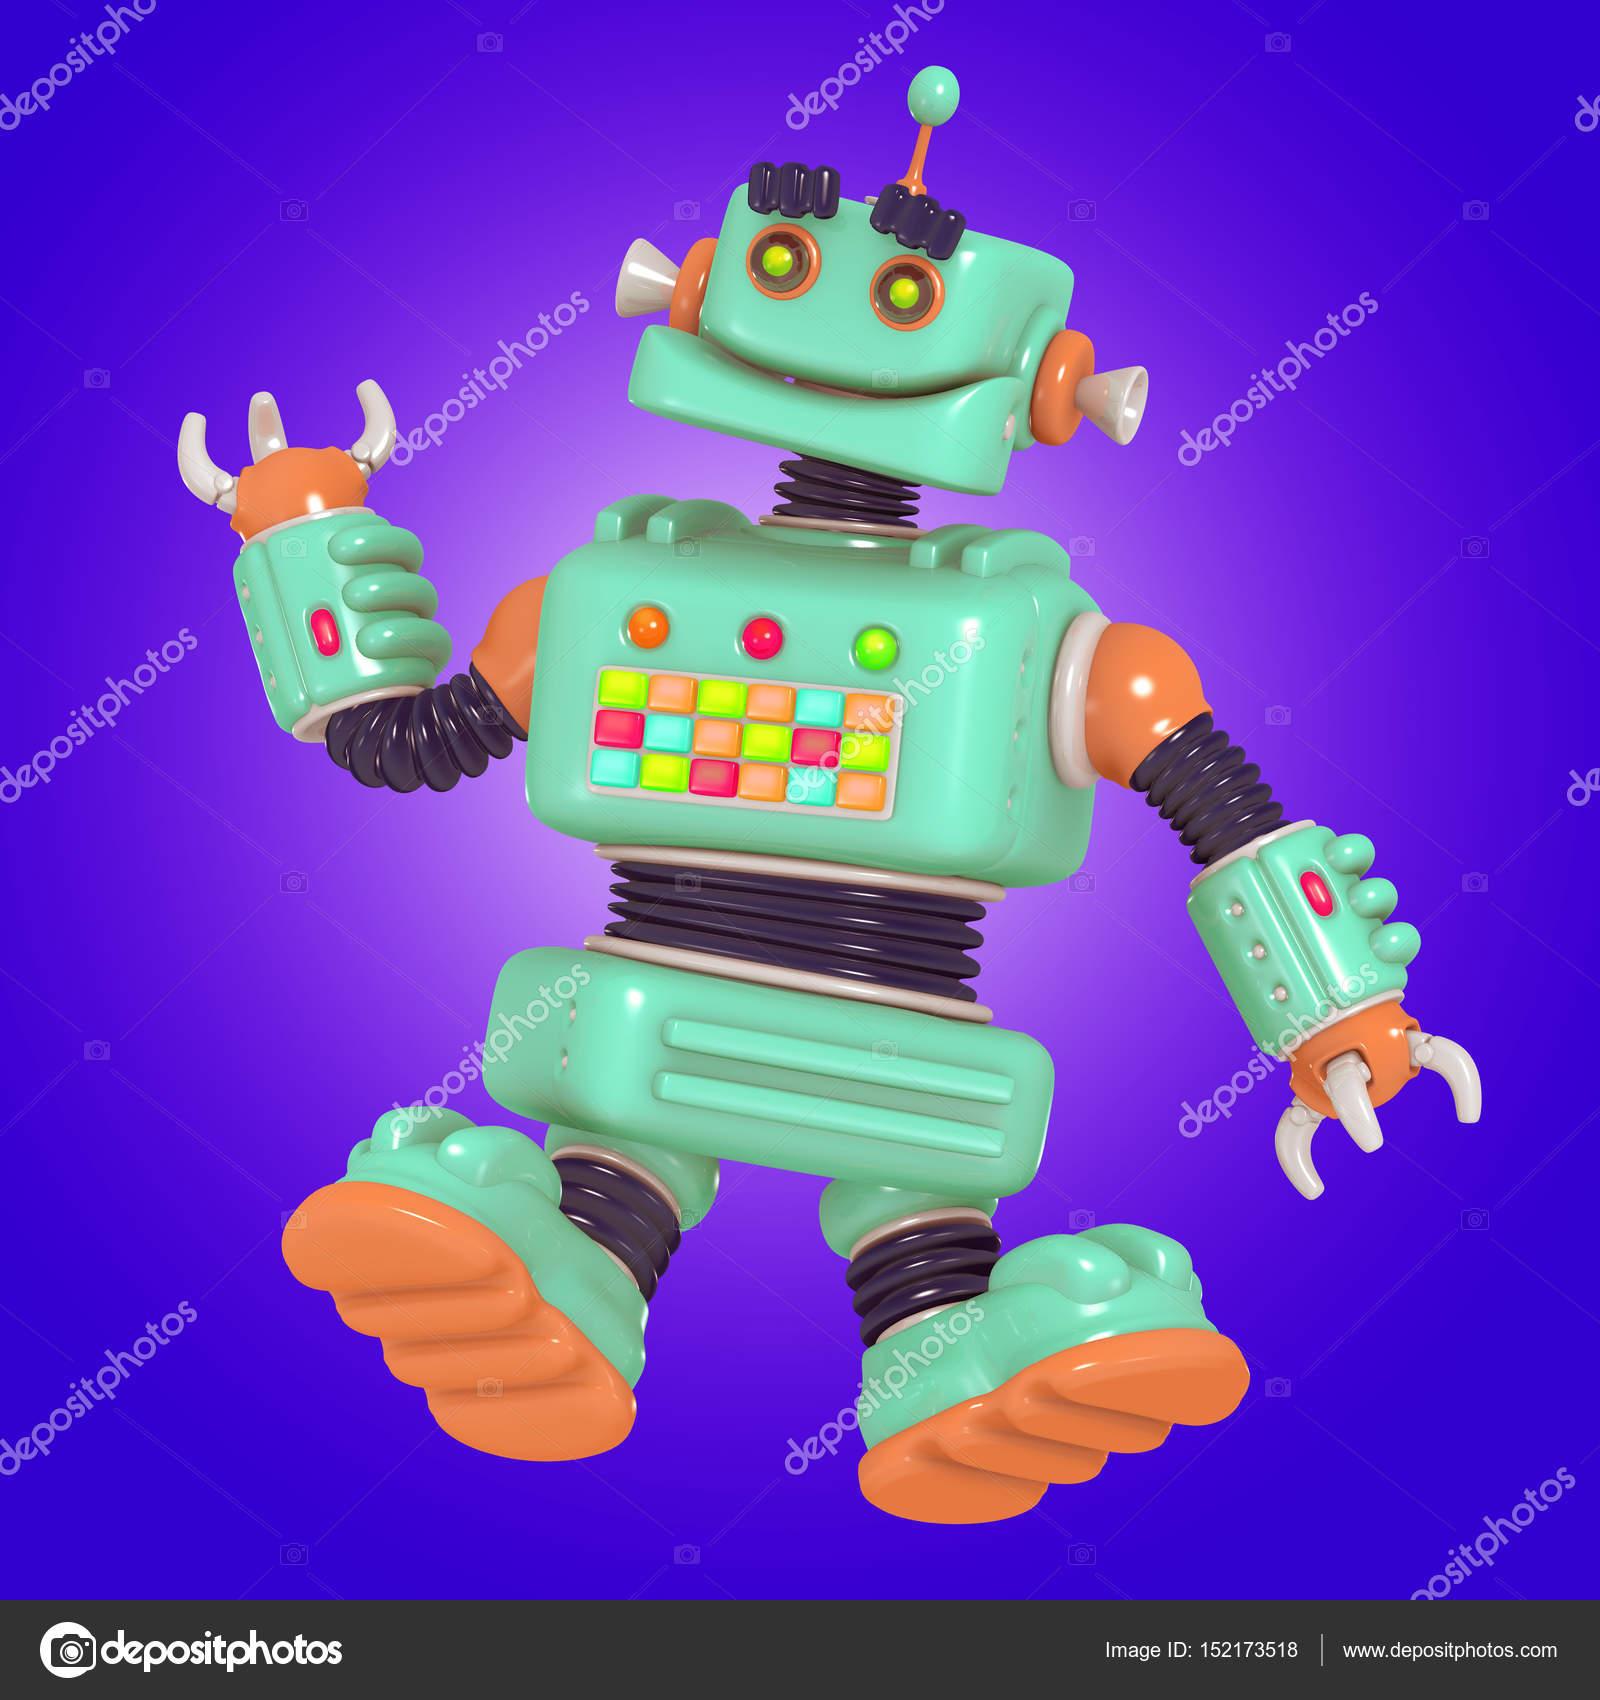 Fun little robot android 3D illustration — Stock Photo